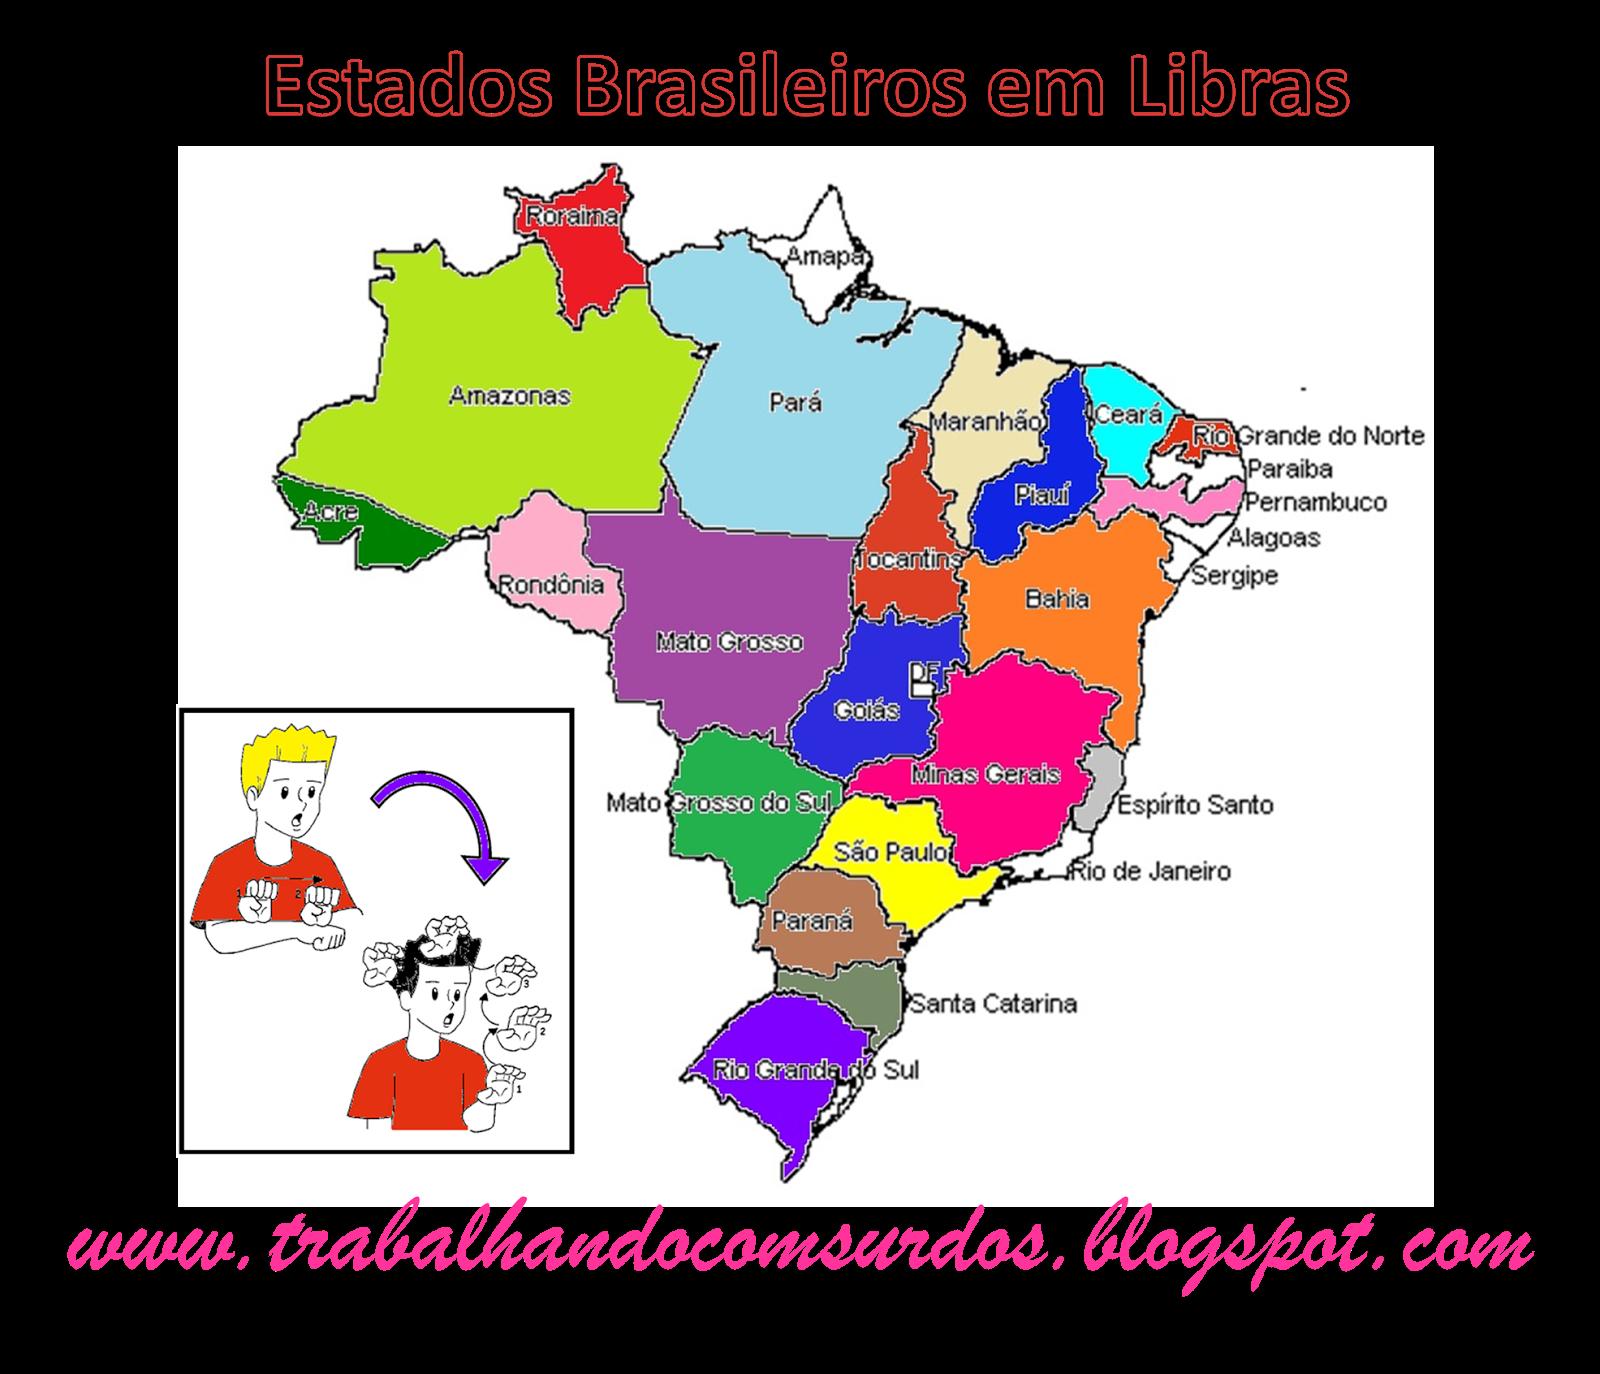 Amado Trabalhando com Surdos: Estados Brasileiro em Libras TZ54